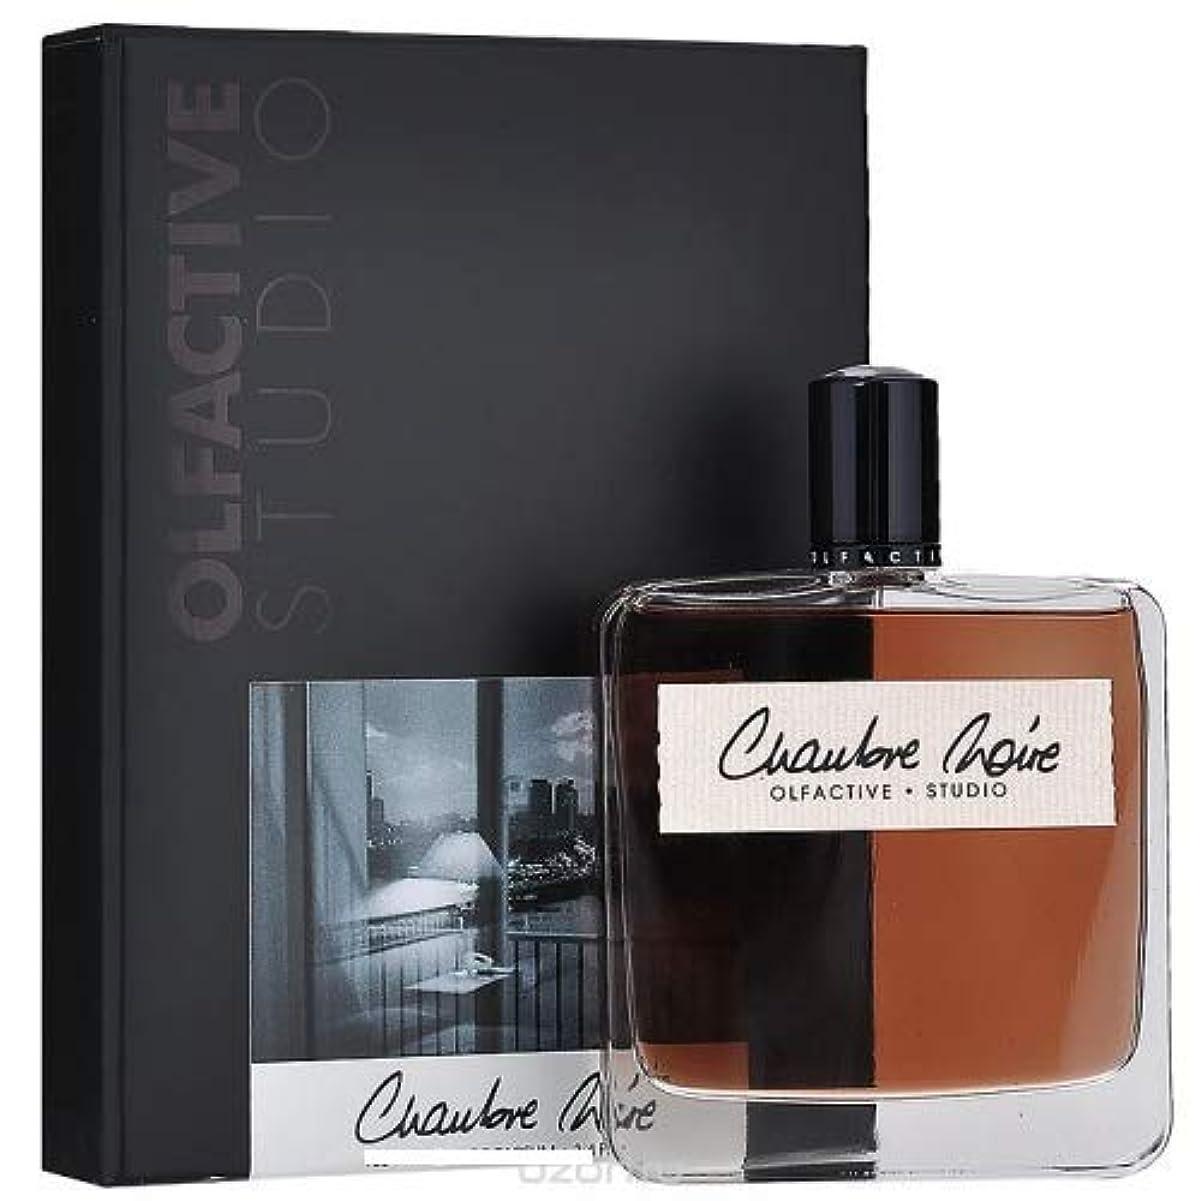 項目果てしないおなかがすいたOlfactive Studio Chambre Noir Eau de Parfum 1.7 oz./50 ml New in Box